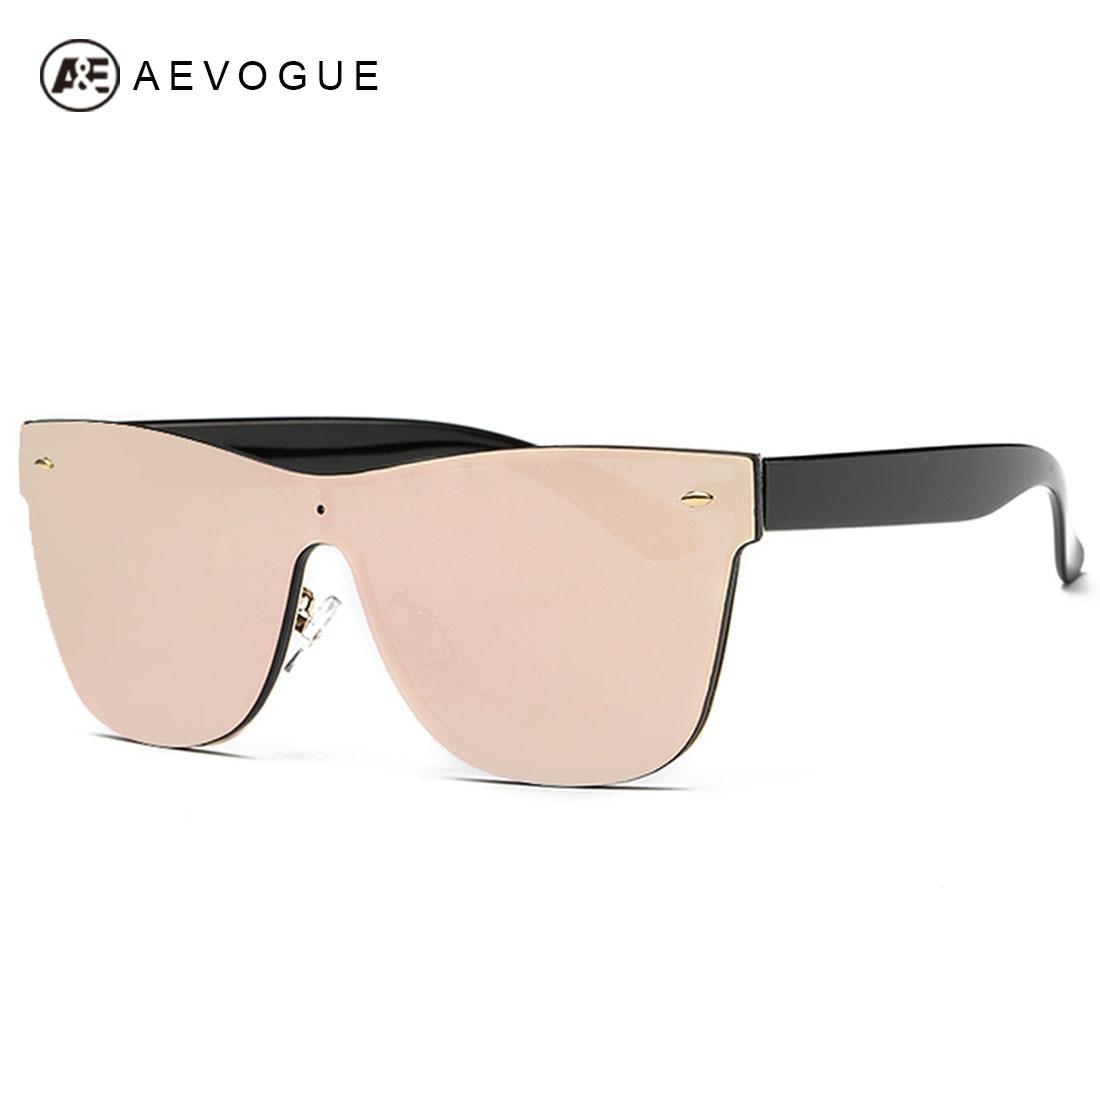 83b5772e93 AEVOGUE mujeres gafas De Sol conjunta espectáculo lente diseño De marca sin  montura estilo De verano